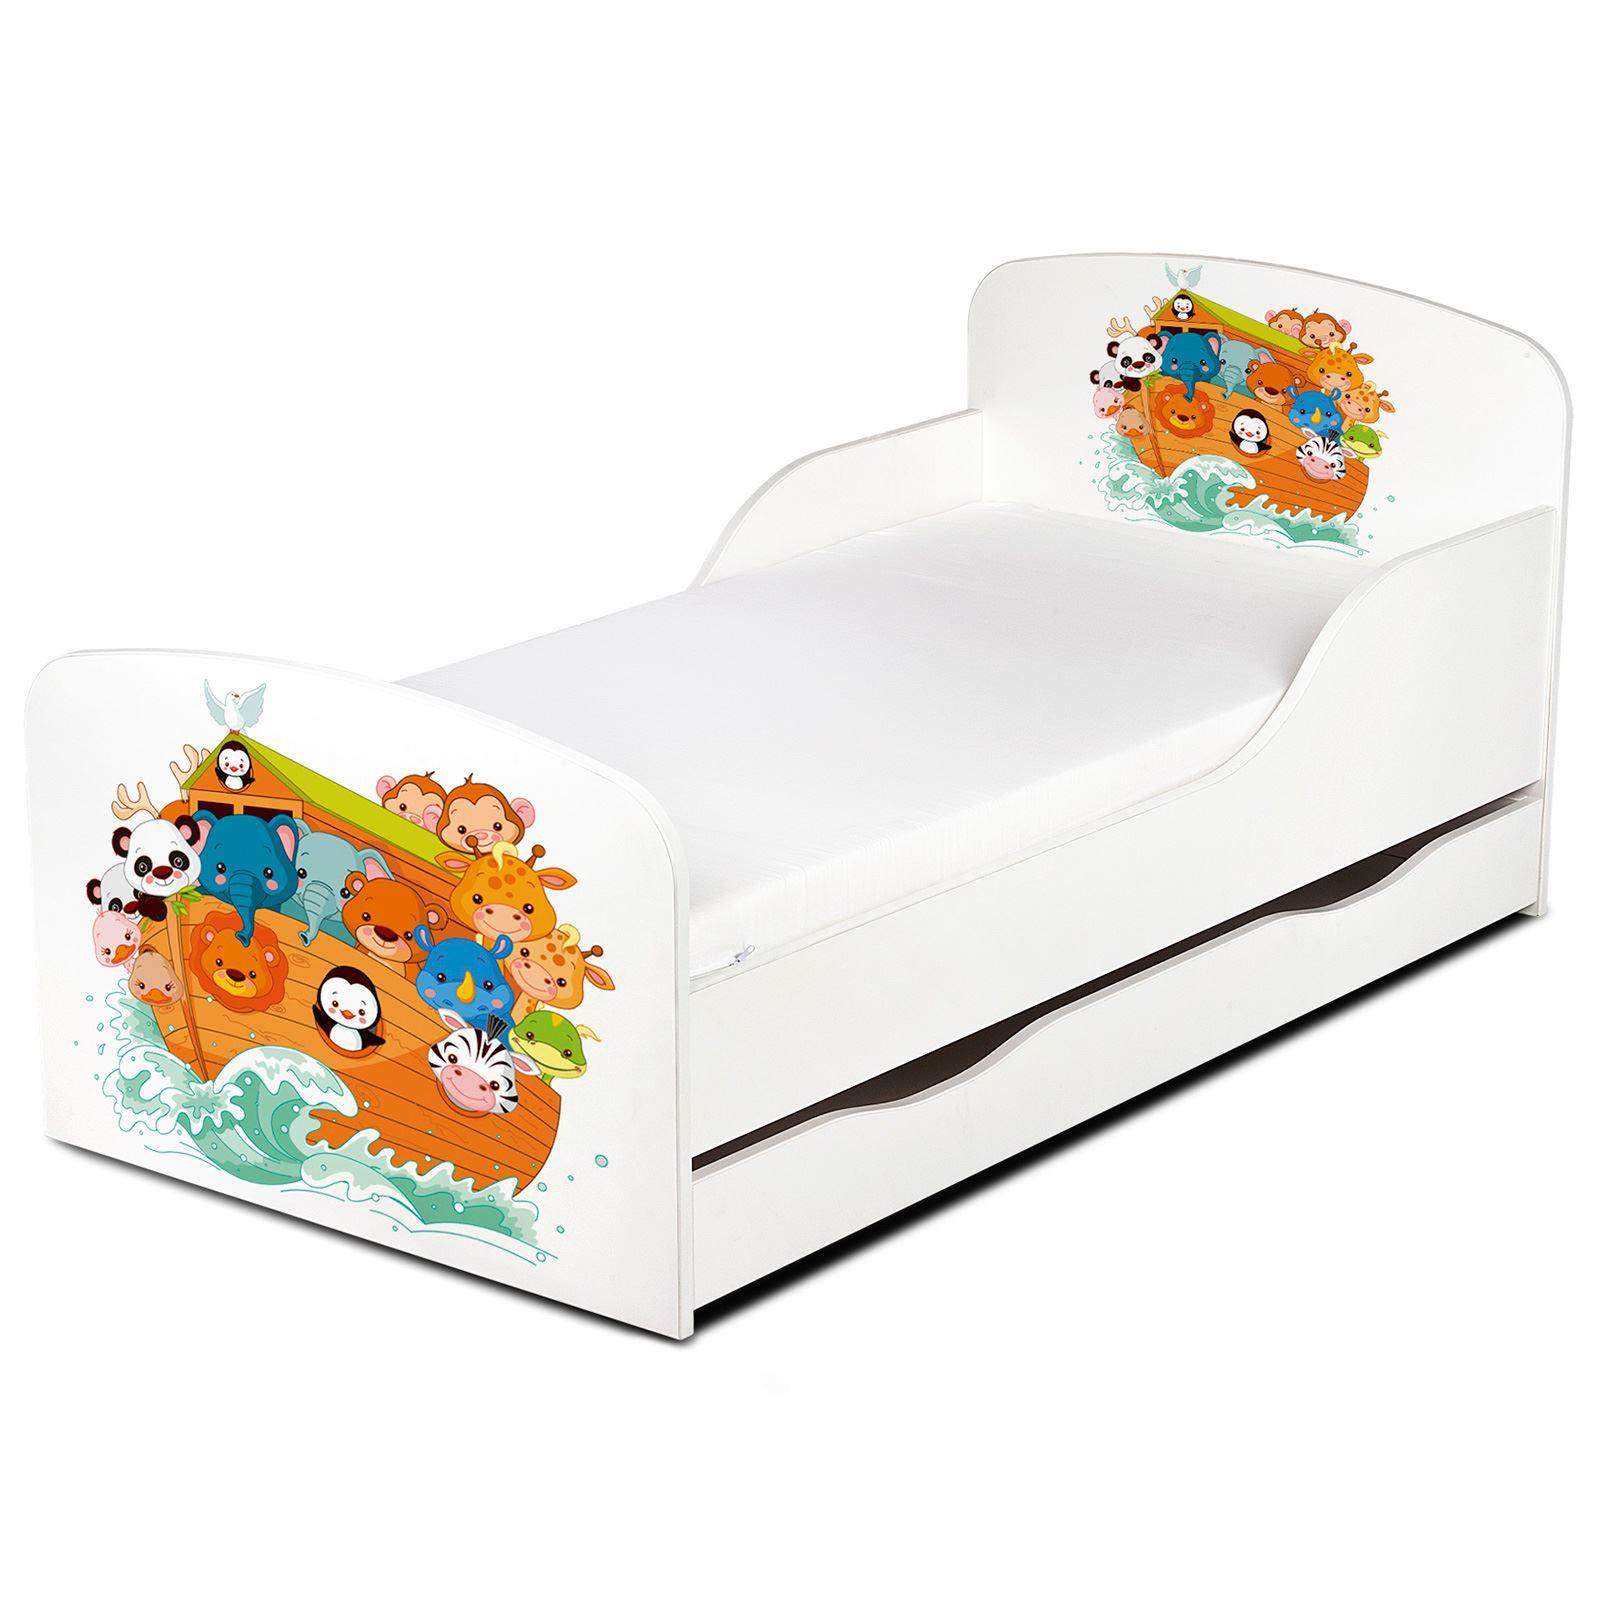 prh kleinkind junior m dchen jungen bett unterbett aufbewahrung schaum ebay. Black Bedroom Furniture Sets. Home Design Ideas